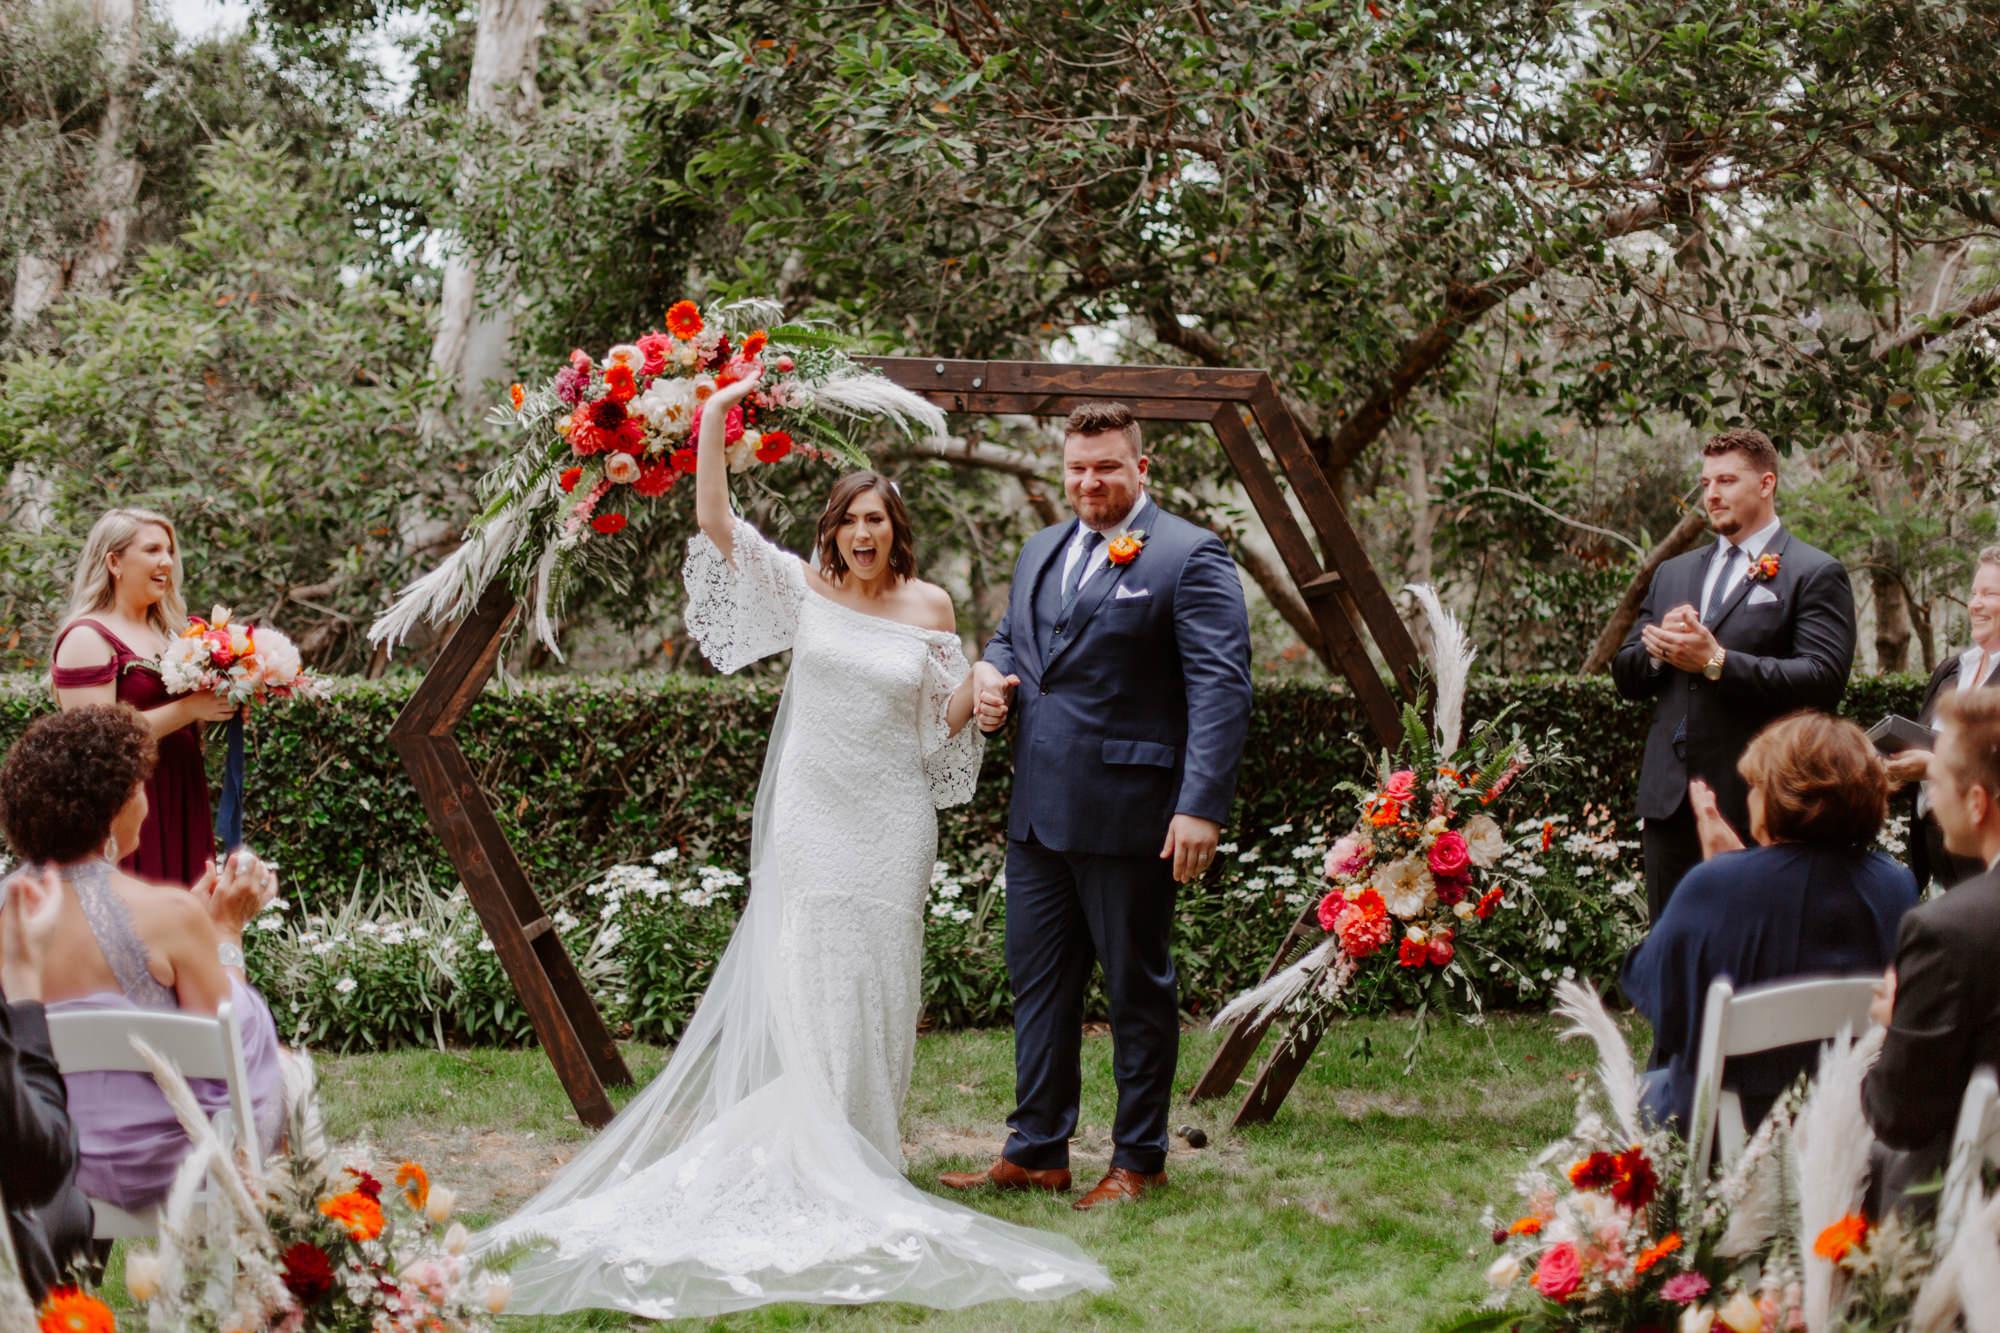 Rancho bernardo Inn san deigo wedding photography0058.jpg